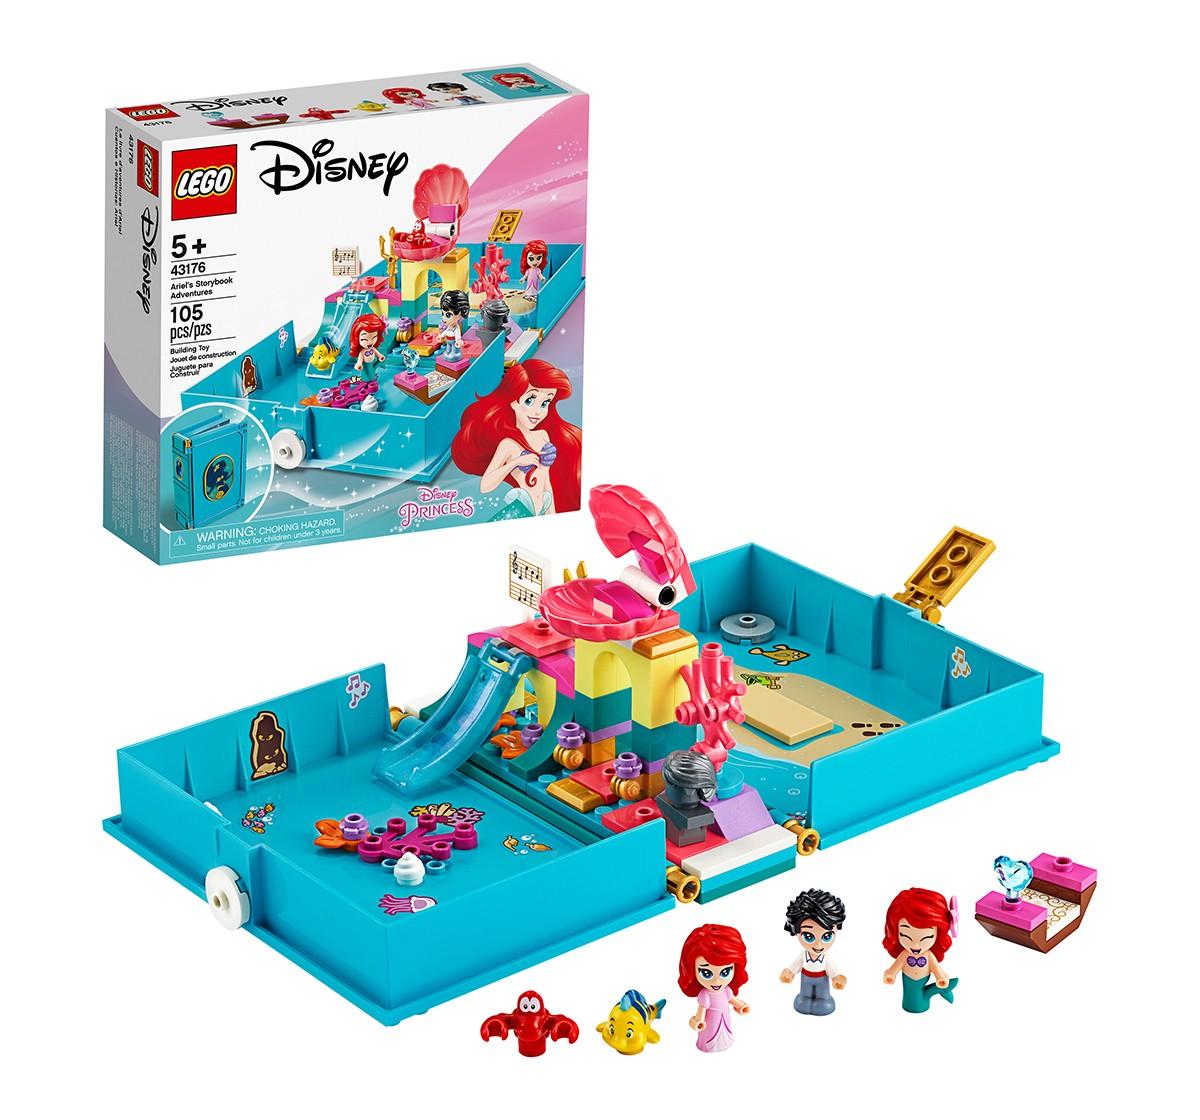 LEGO 43176 Ariel's Storybook Adventures Lego Blocks for Girls age 5Y+